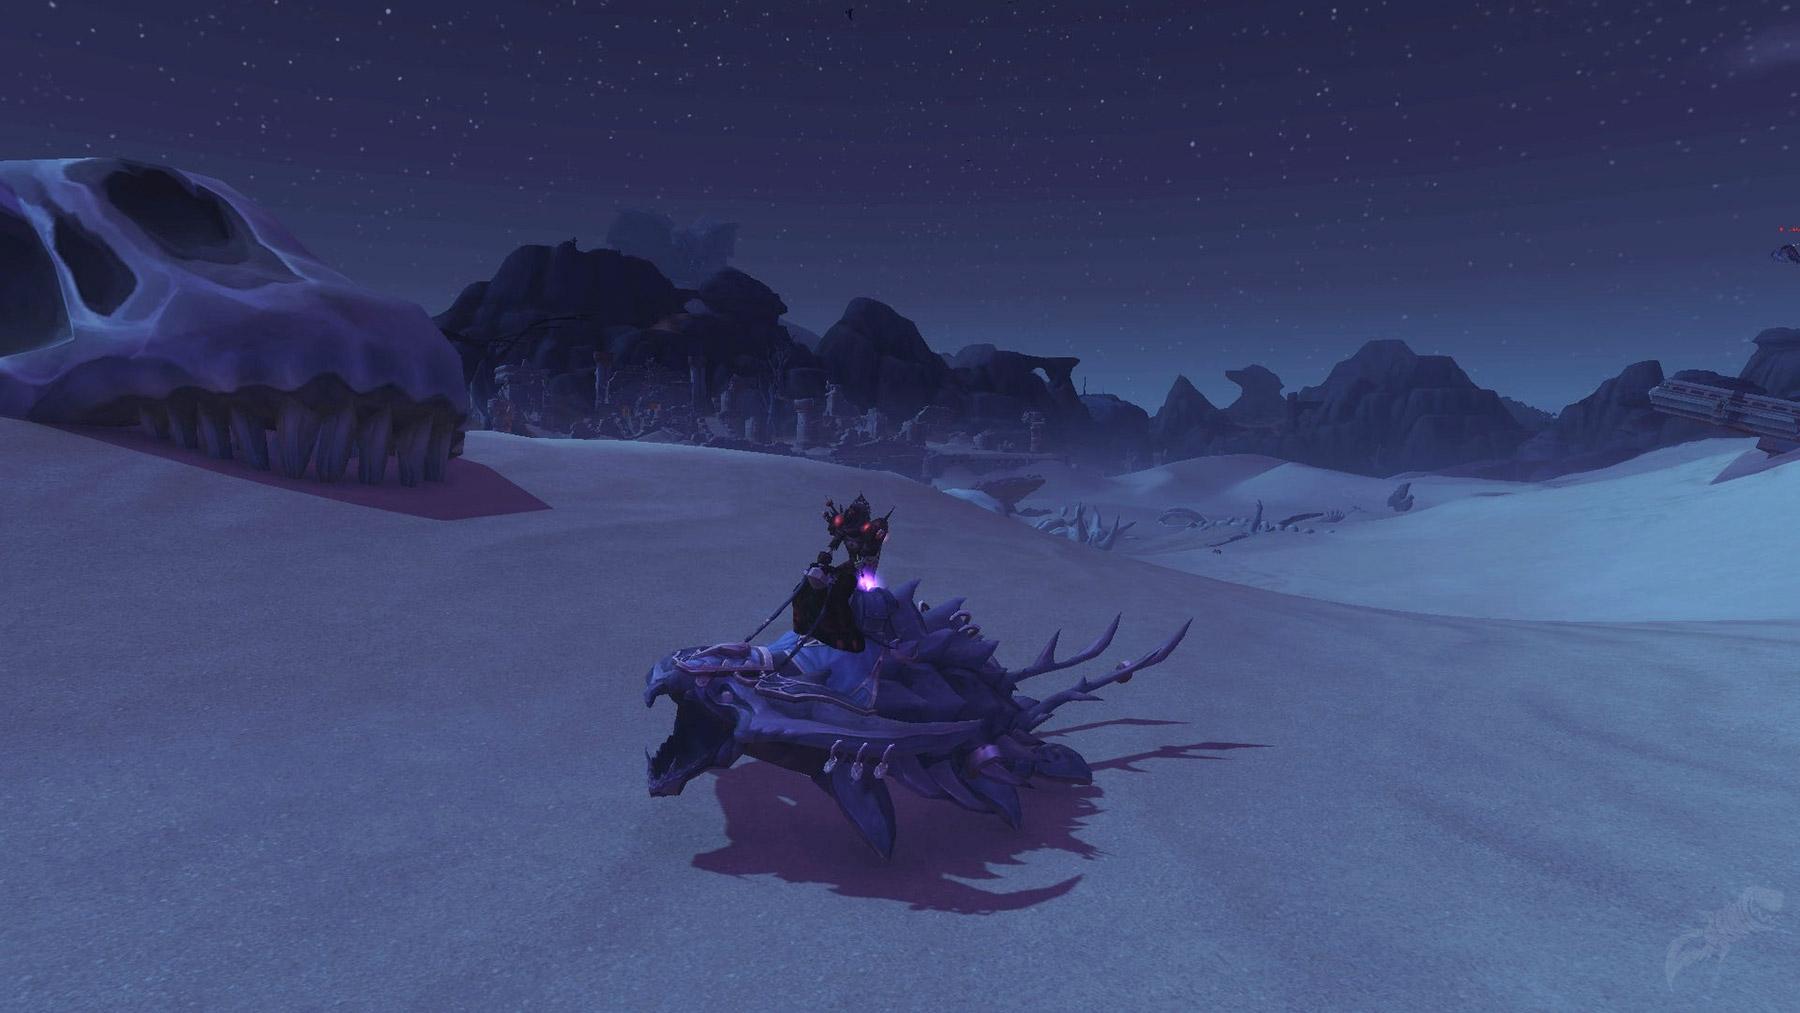 Terminez le méta haut fait Gloire au héros de BfA pour obtenir le krolusk d'obsidienne